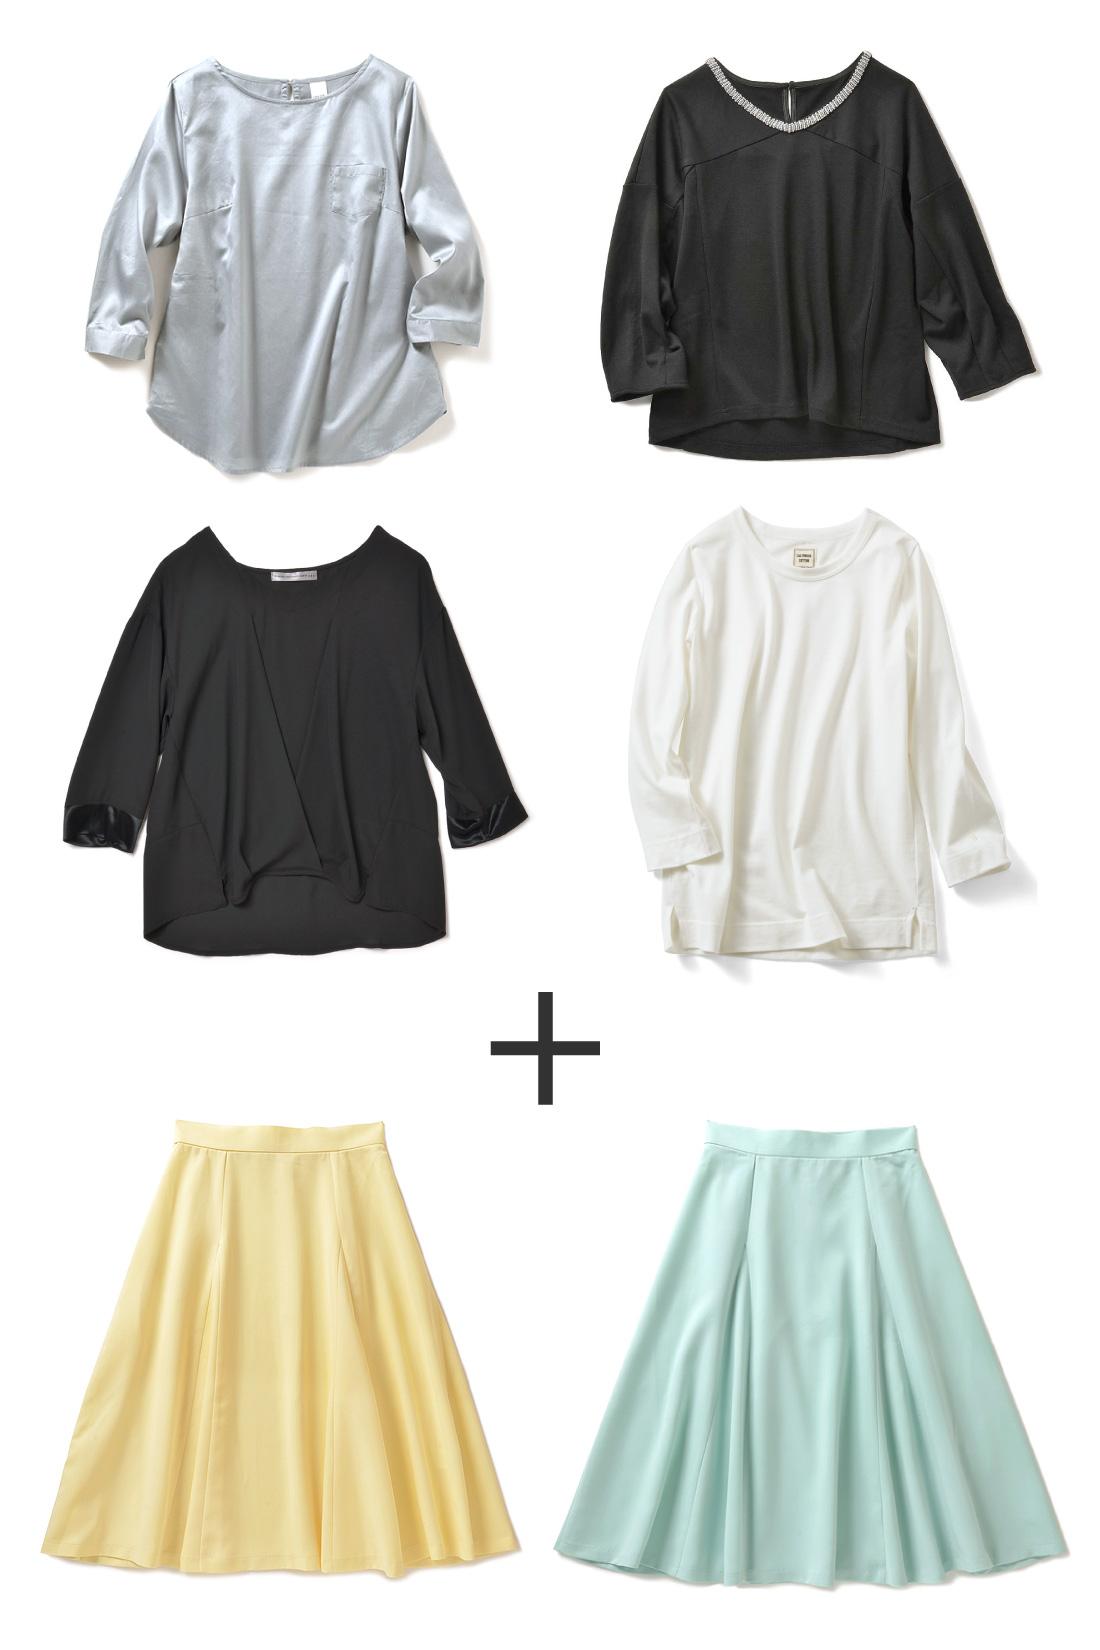 ※お届けするセットのアイテム例です。シンプルトップス1枚と、スカート(写真のどちらか)をセットでお届け。